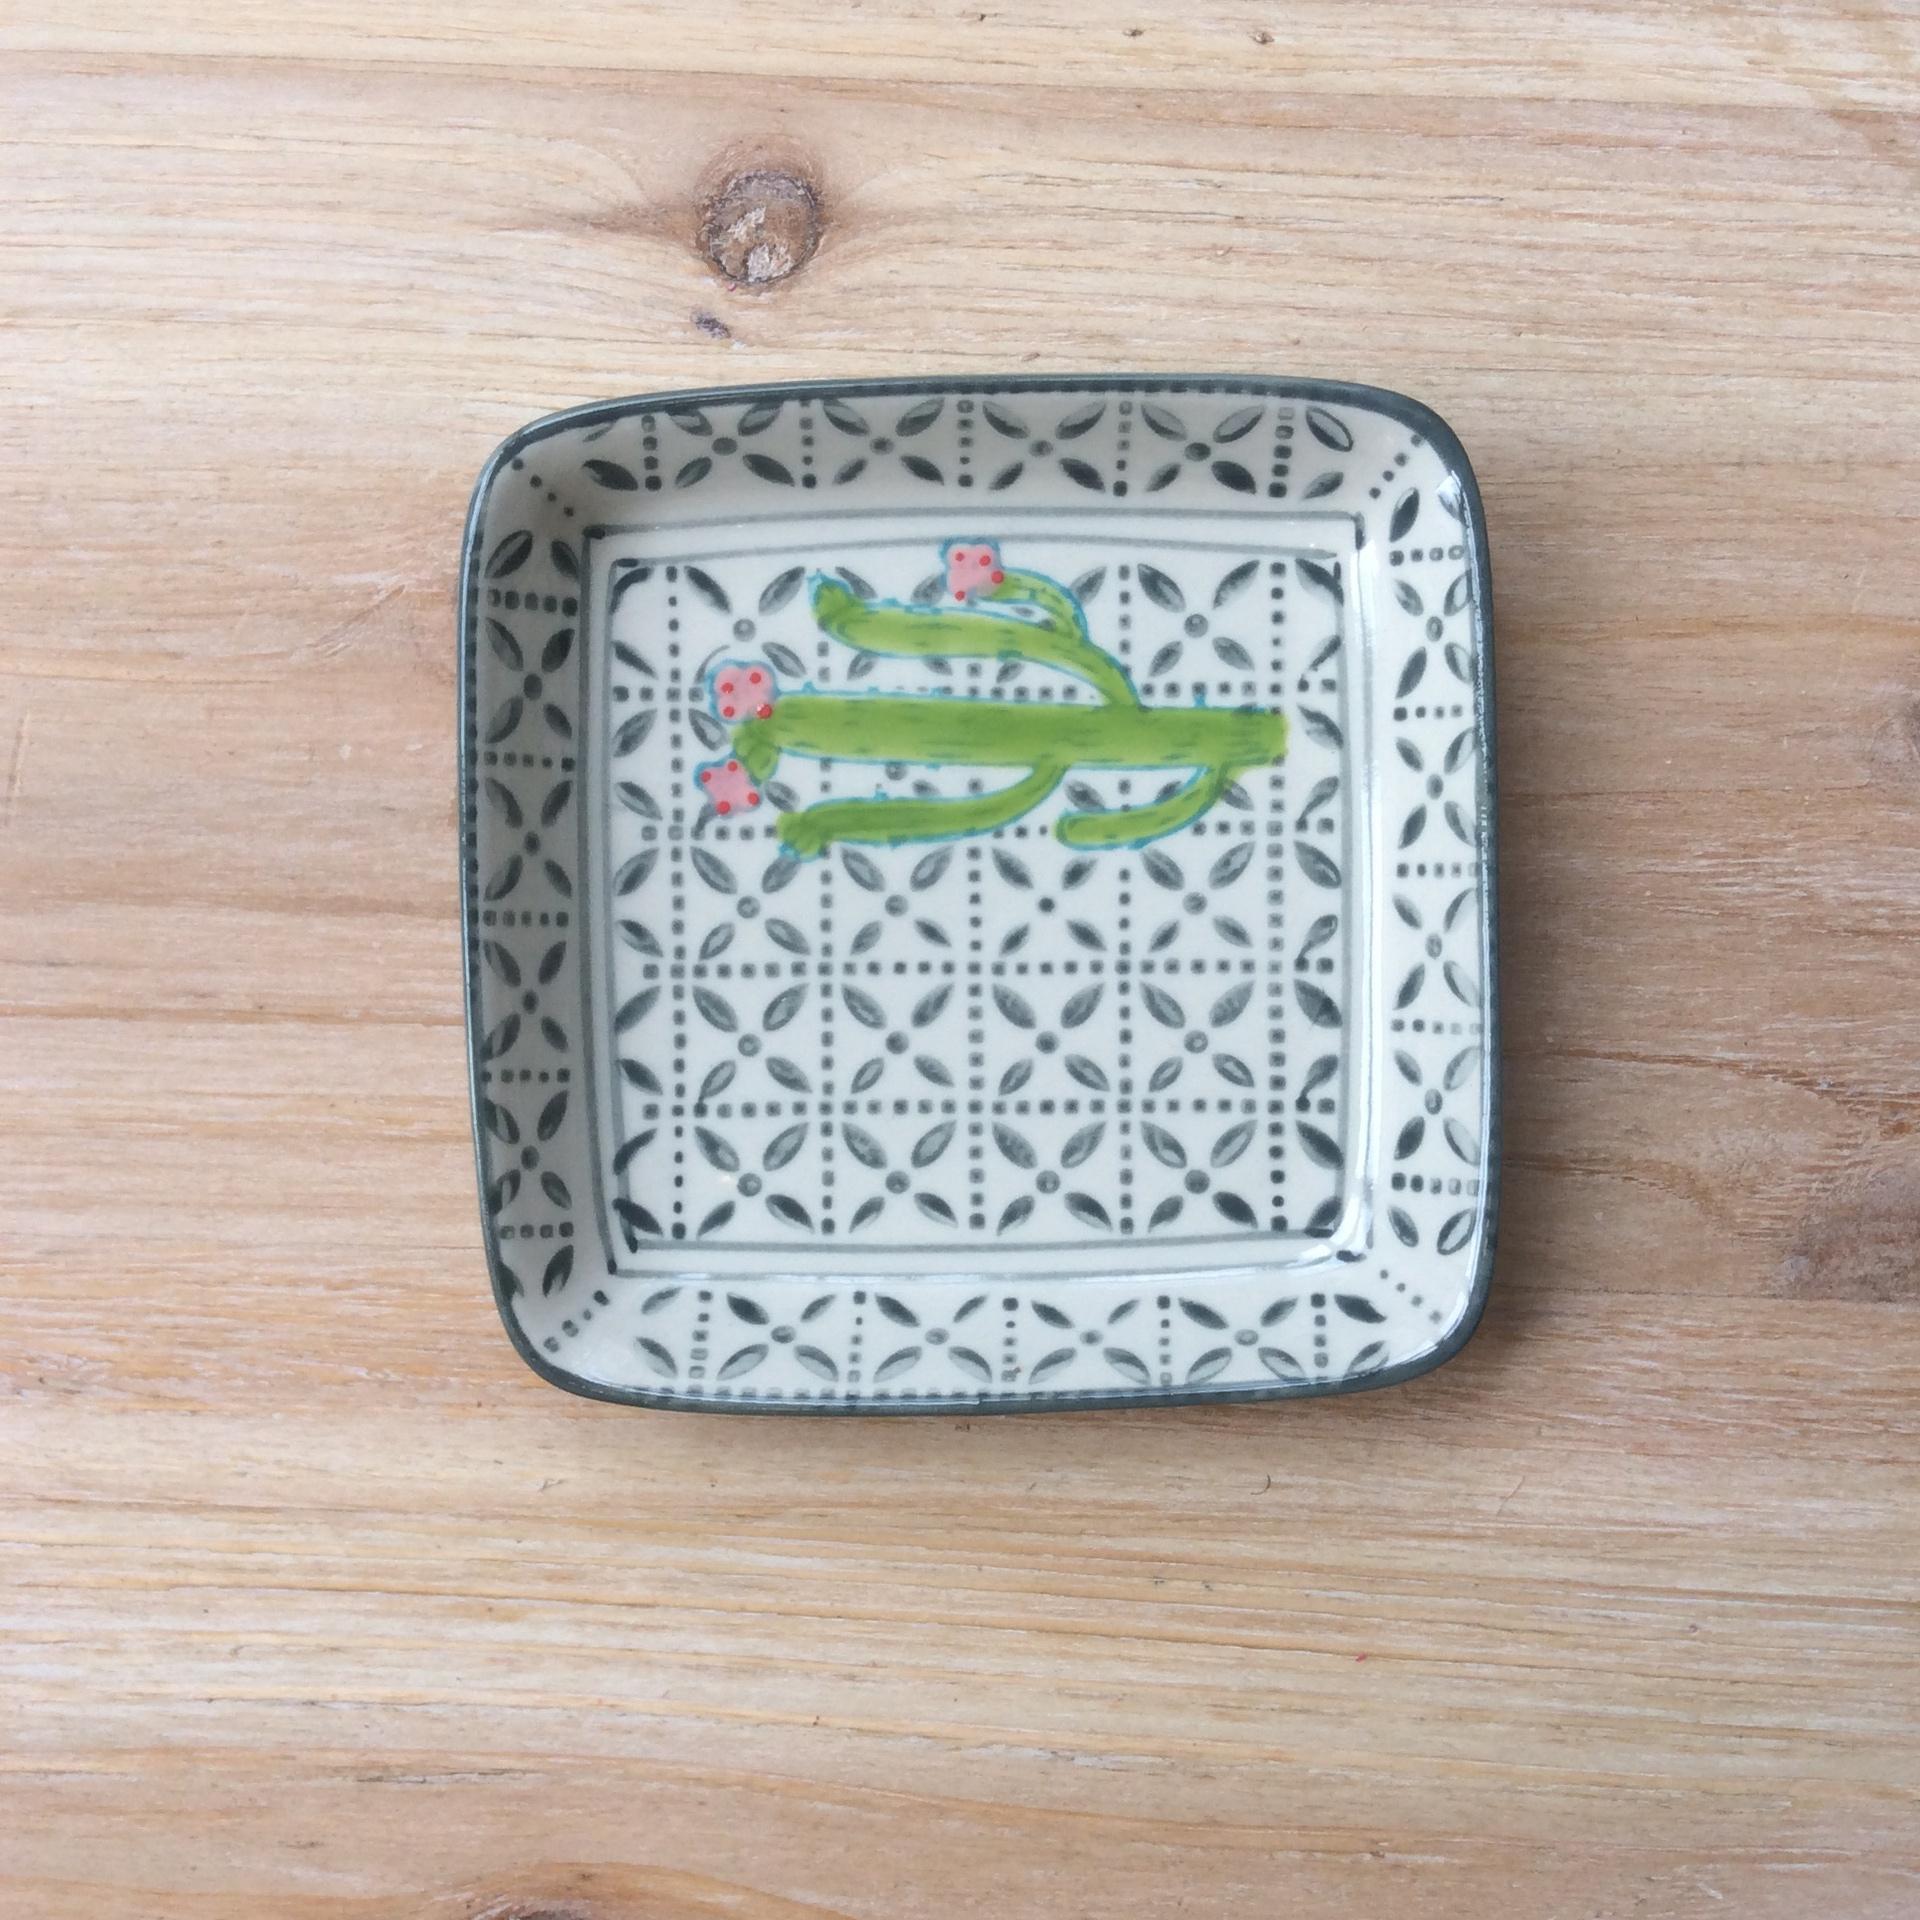 Ceramic Square Cactus Dish